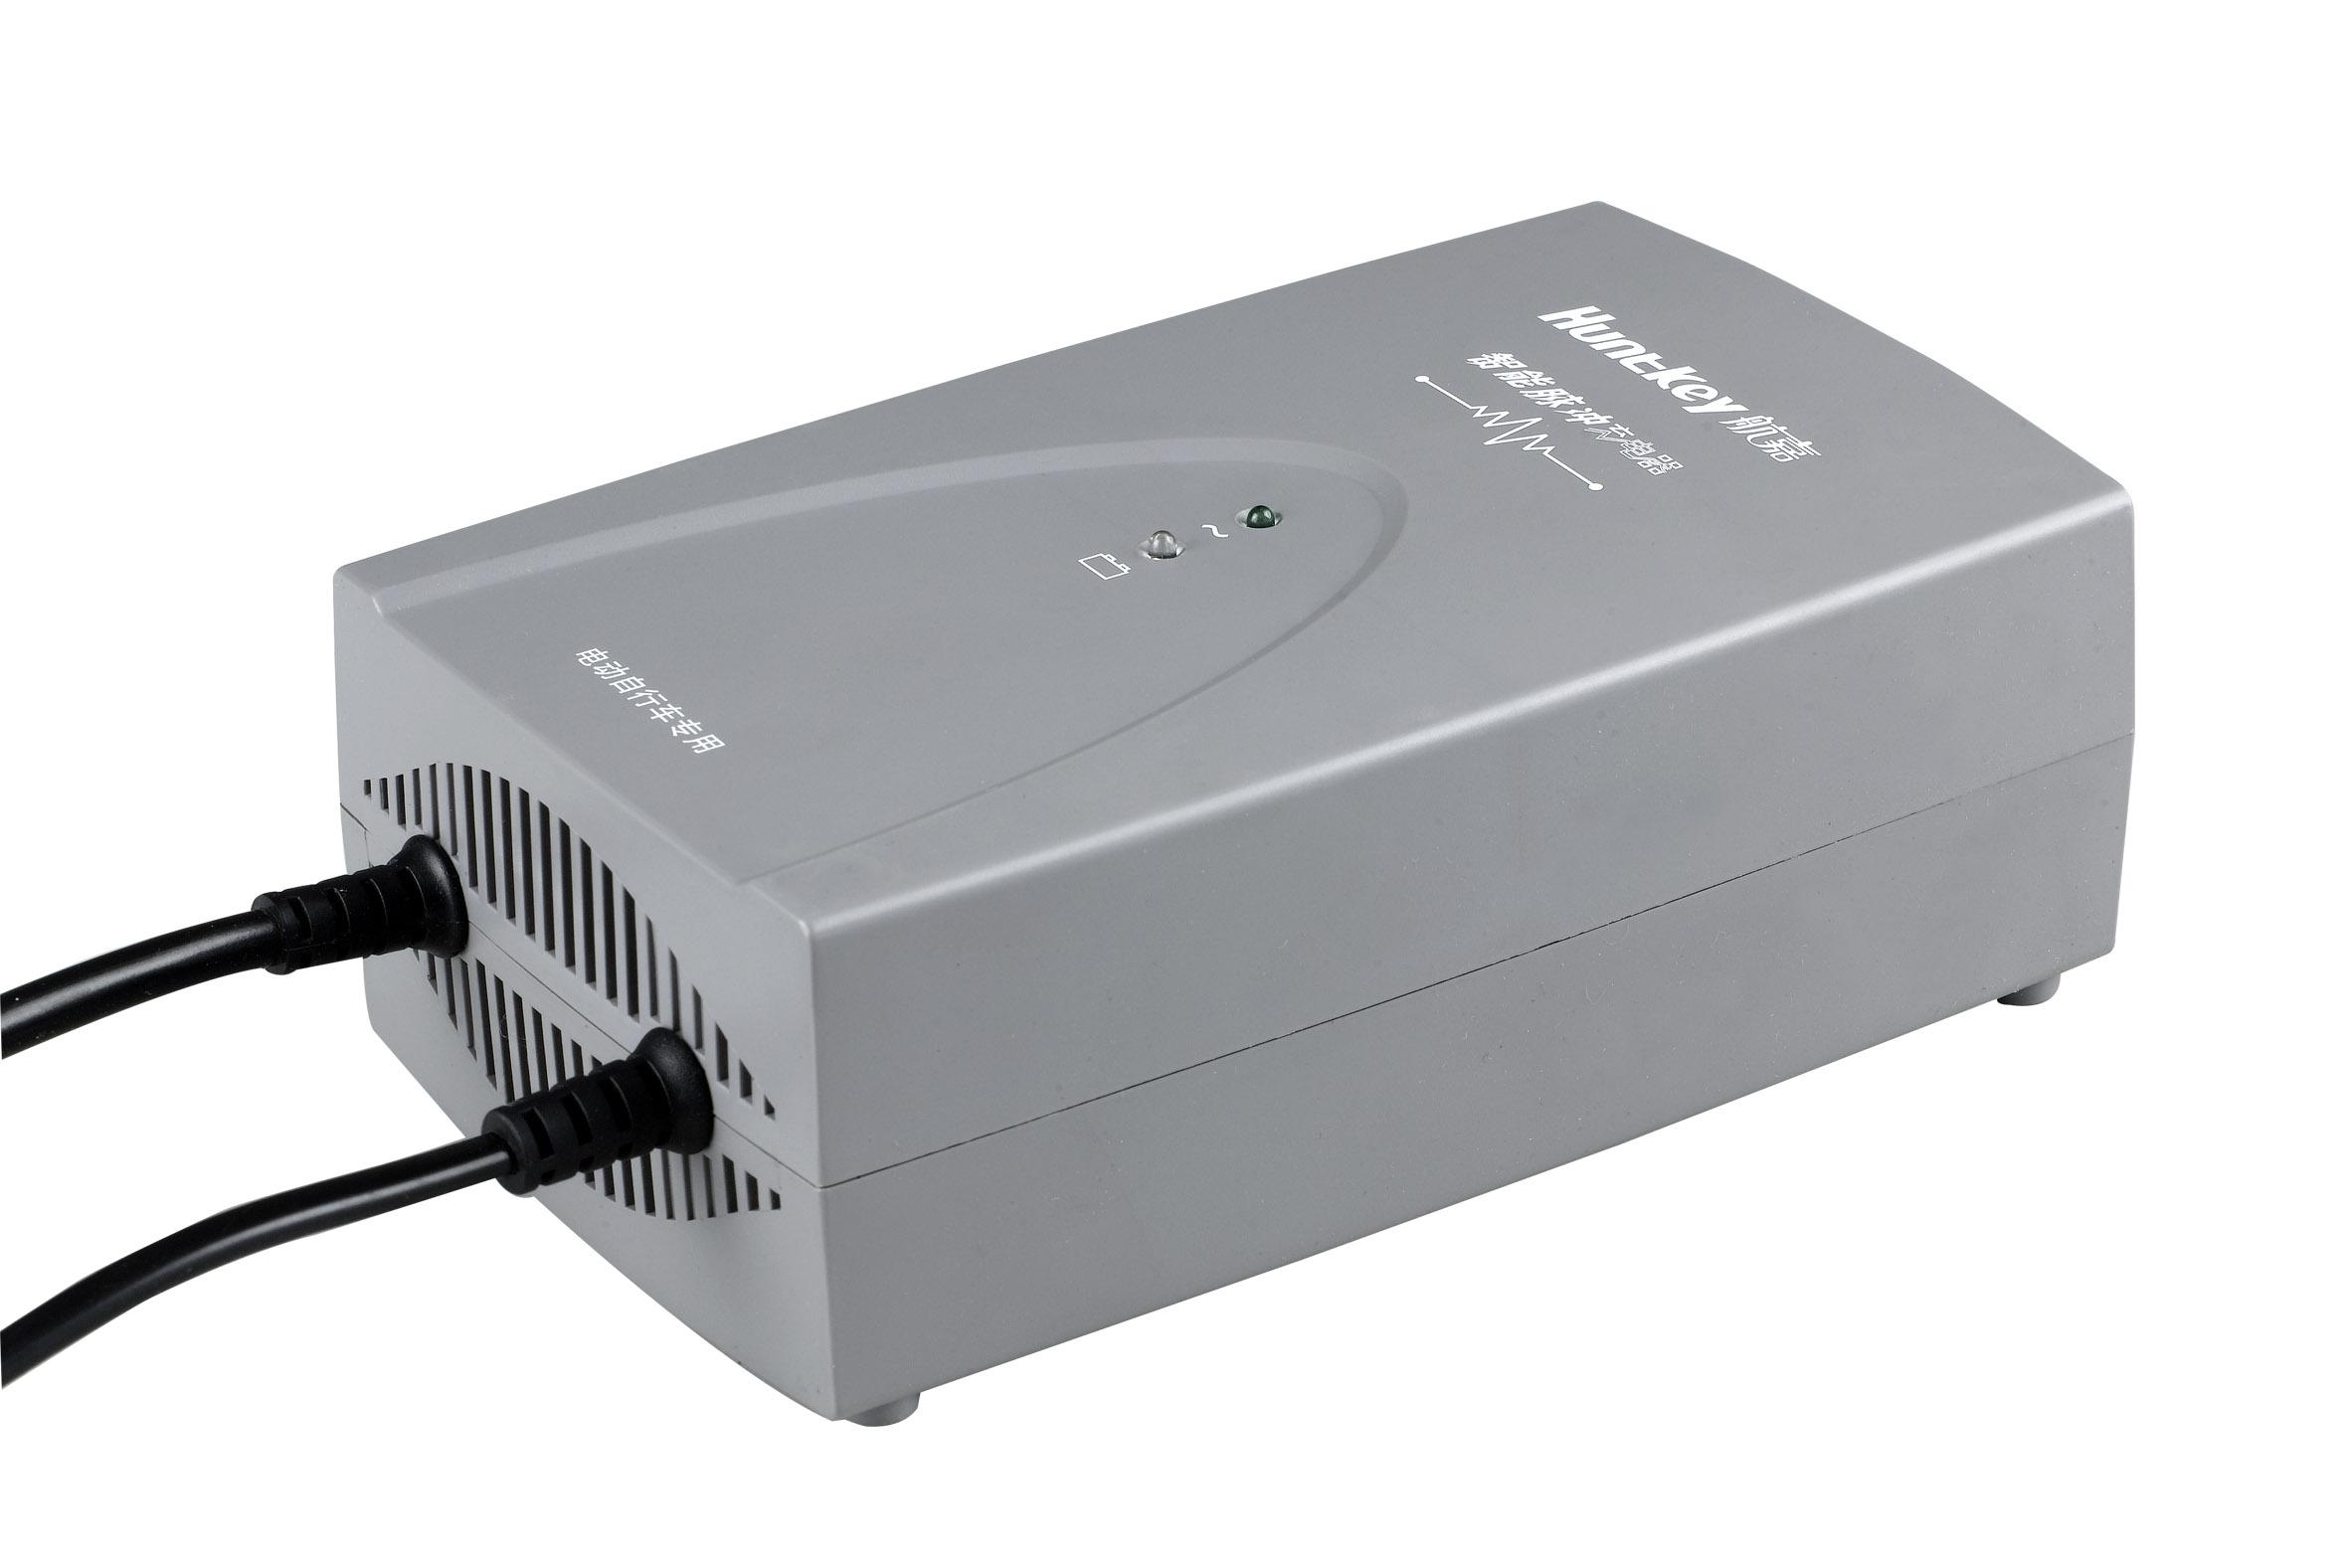 1、 产品特点  采用高频开关电源和芯片技术  智能控制,适时跟踪充电状态,调节充电参数,保证100%充满电,避免欠充电和过充电  正、负脉冲技术,有效去除极化,控制电池温升,减少失水,延长电池使用寿命一倍以上  对因硫酸盐化而导致失效的电池具有良好的修复作用  快速充电,充满12AH电池只需2-4小时  短路/过流/过压/欠压/过温/反接保护 2、技术规格 交流输入 额定输入电压 AC 220V 电源频率 50/60Hz 适用的交流电压范围 176V~264V 直流输出 最大输出功率 200W